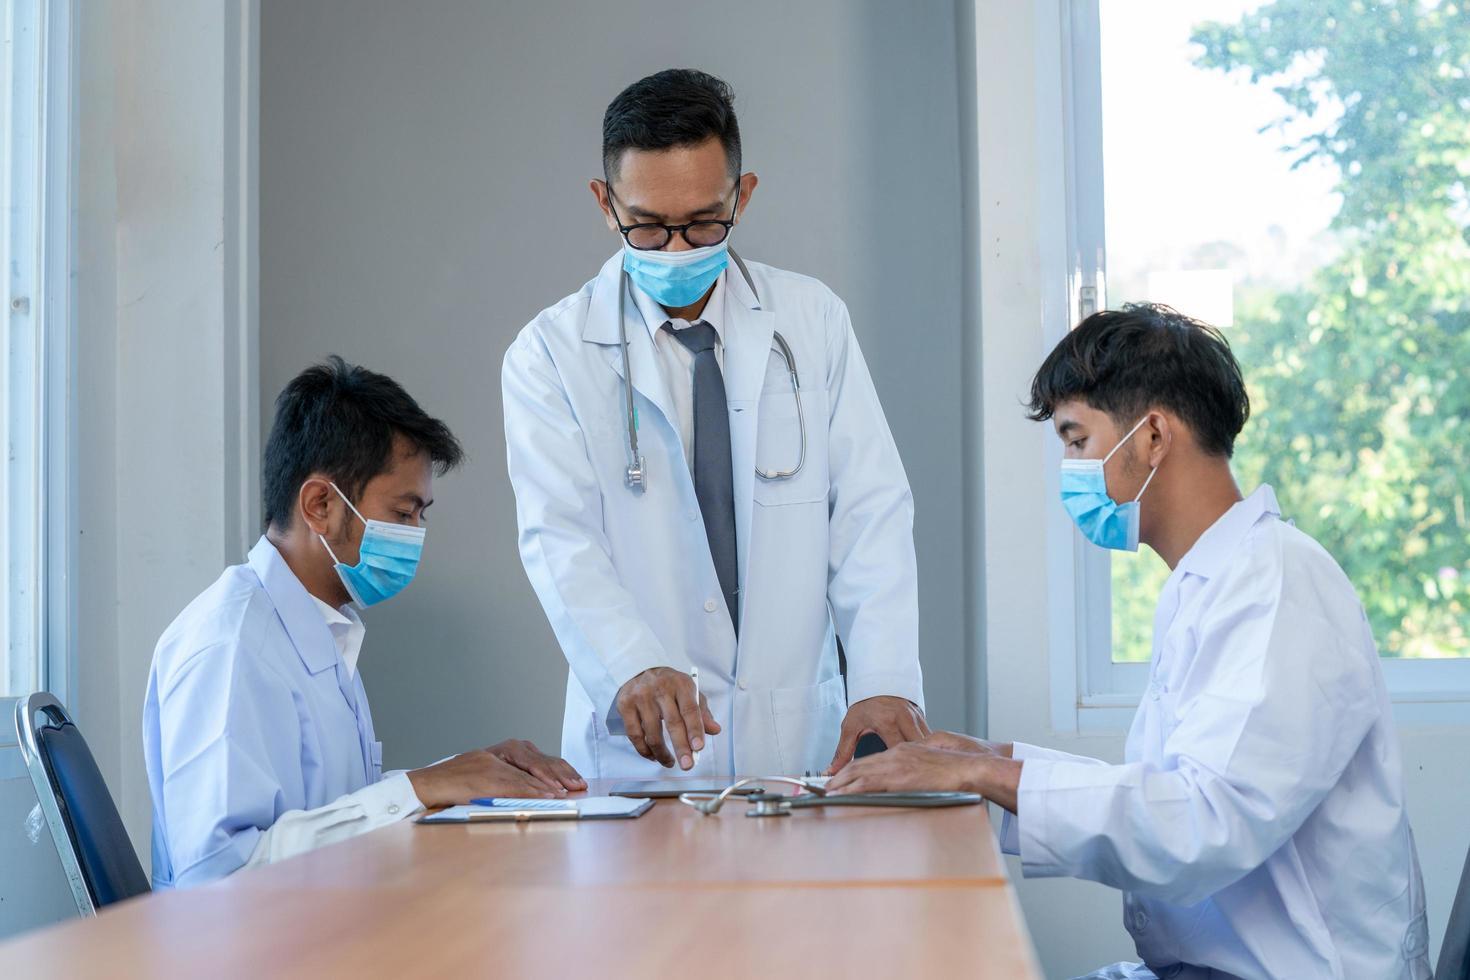 Männer in Laborkitteln am Besprechungstisch foto